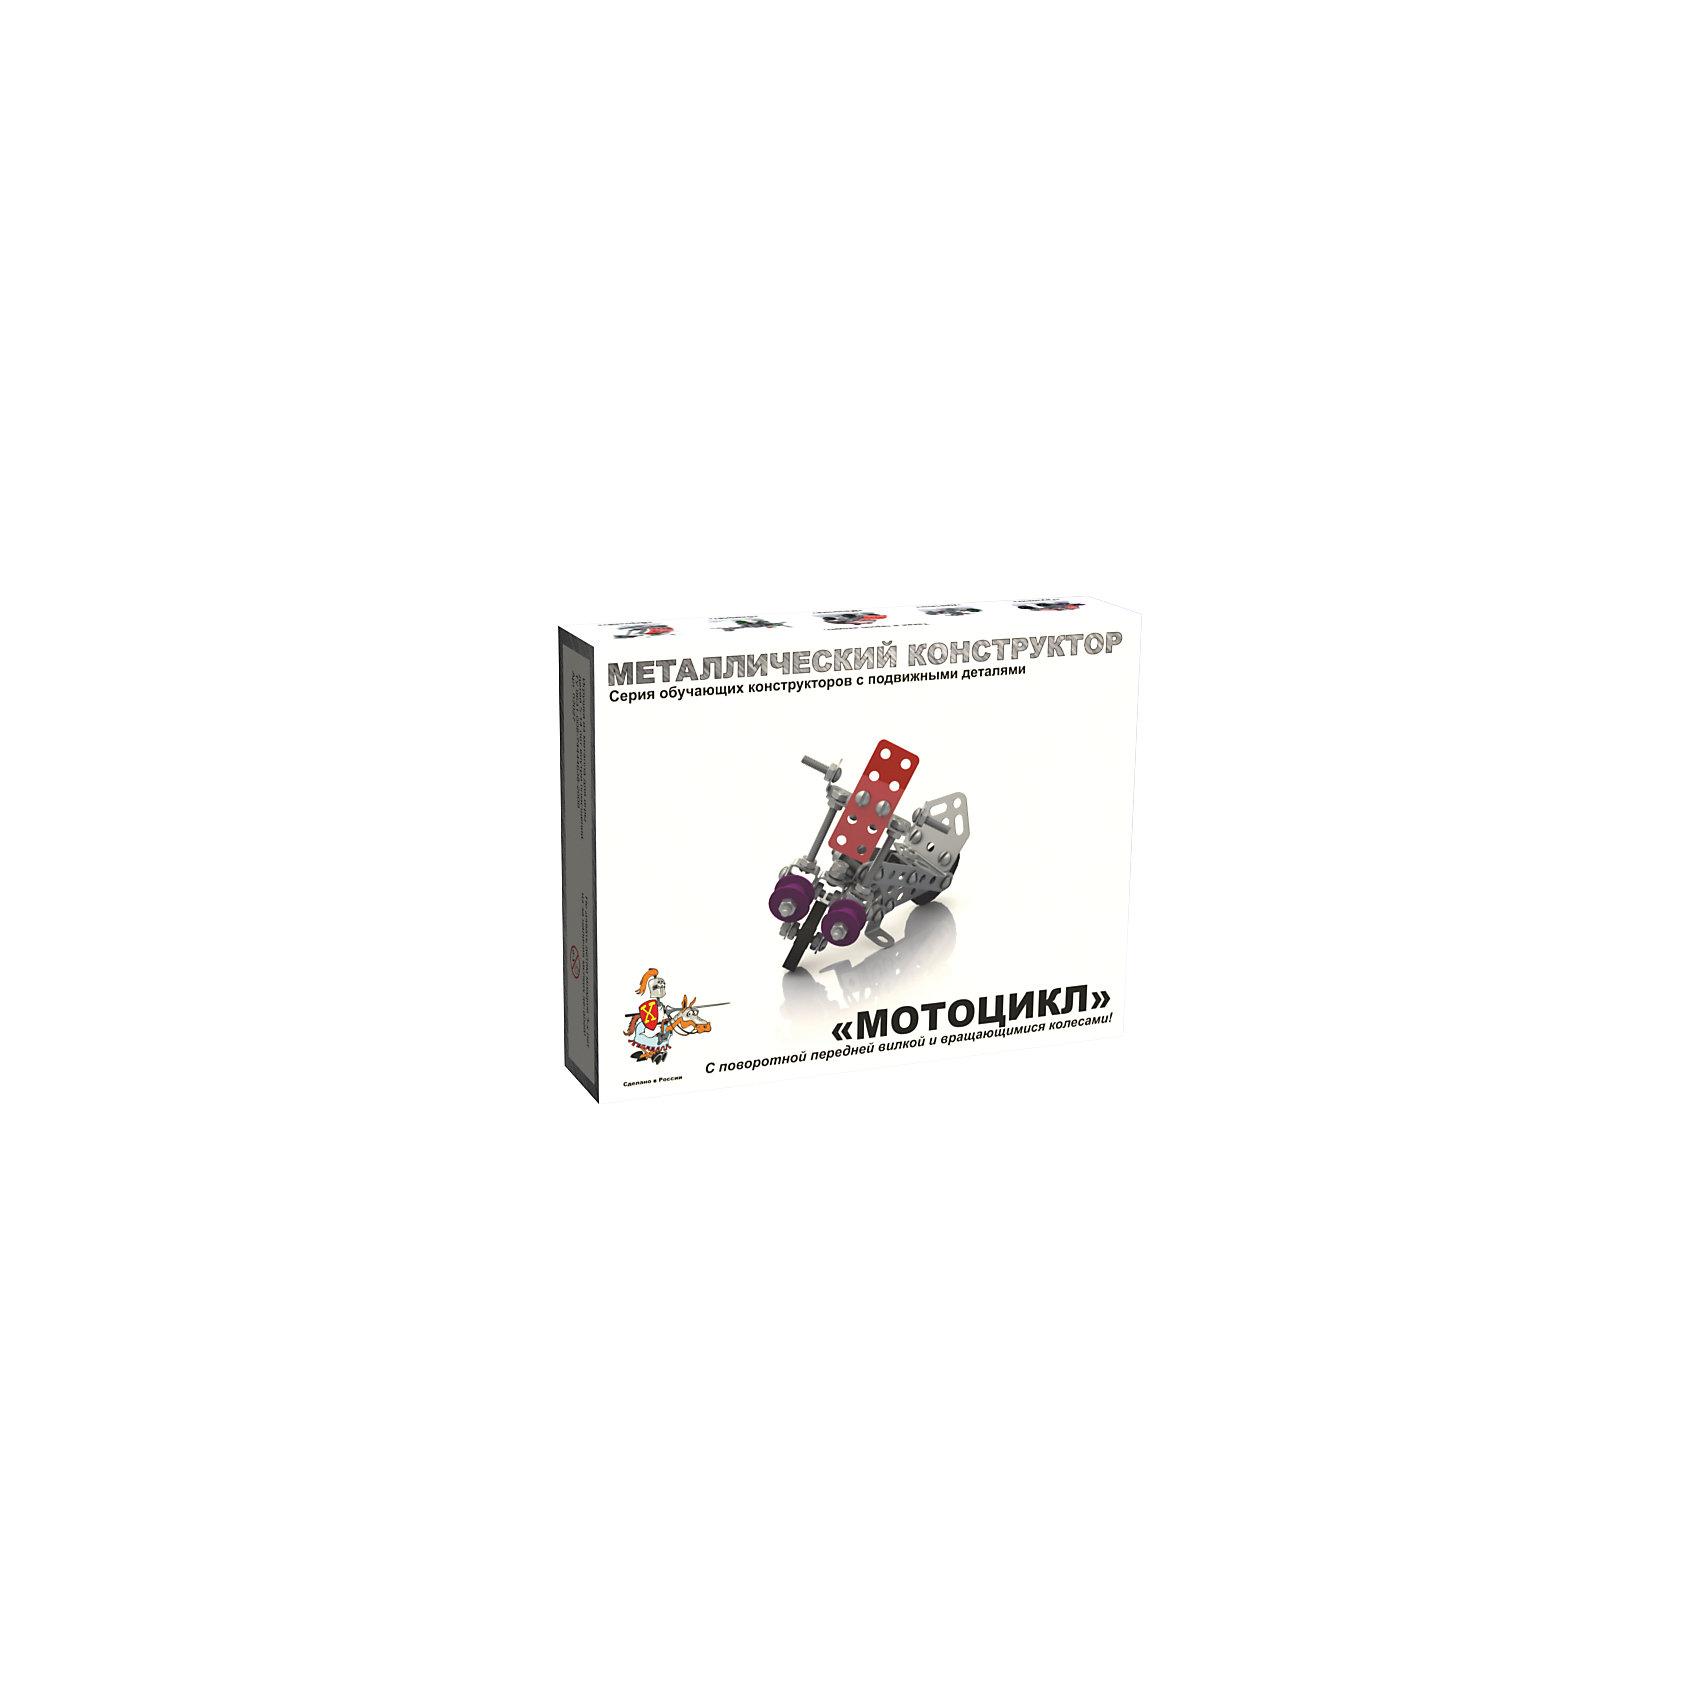 Конструктор металлический с подвижными деталями Мотоцикл, Десятое королевствоМеталлические конструкторы<br>Конструктор металлический с подвижными деталями Мотоцикл, Десятое королевство<br><br>Характеристики: <br><br>• Возраст: от 6 лет<br>• Материал: металл<br>• Подвижные детали<br><br>Данный металлический конструктор состоит из различных по размеру деталей и позволяет с легкостью собрать игрушку своими руками. А благодаря подвижным деталям – игрушку можно будет оживить. Он создан из качественного, безопасного для детей материала и в него удобно играть, как в одиночку, так и в компании. Набор содержит инструкцию для удобства сборки и соответствует передовым требованиям качества.<br><br>Конструктор металлический с подвижными деталями Мотоцикл, Десятое королевство можно купить в нашем интернет-магазине.<br><br>Ширина мм: 195<br>Глубина мм: 150<br>Высота мм: 40<br>Вес г: 236<br>Возраст от месяцев: 84<br>Возраст до месяцев: 2147483647<br>Пол: Мужской<br>Возраст: Детский<br>SKU: 5473803